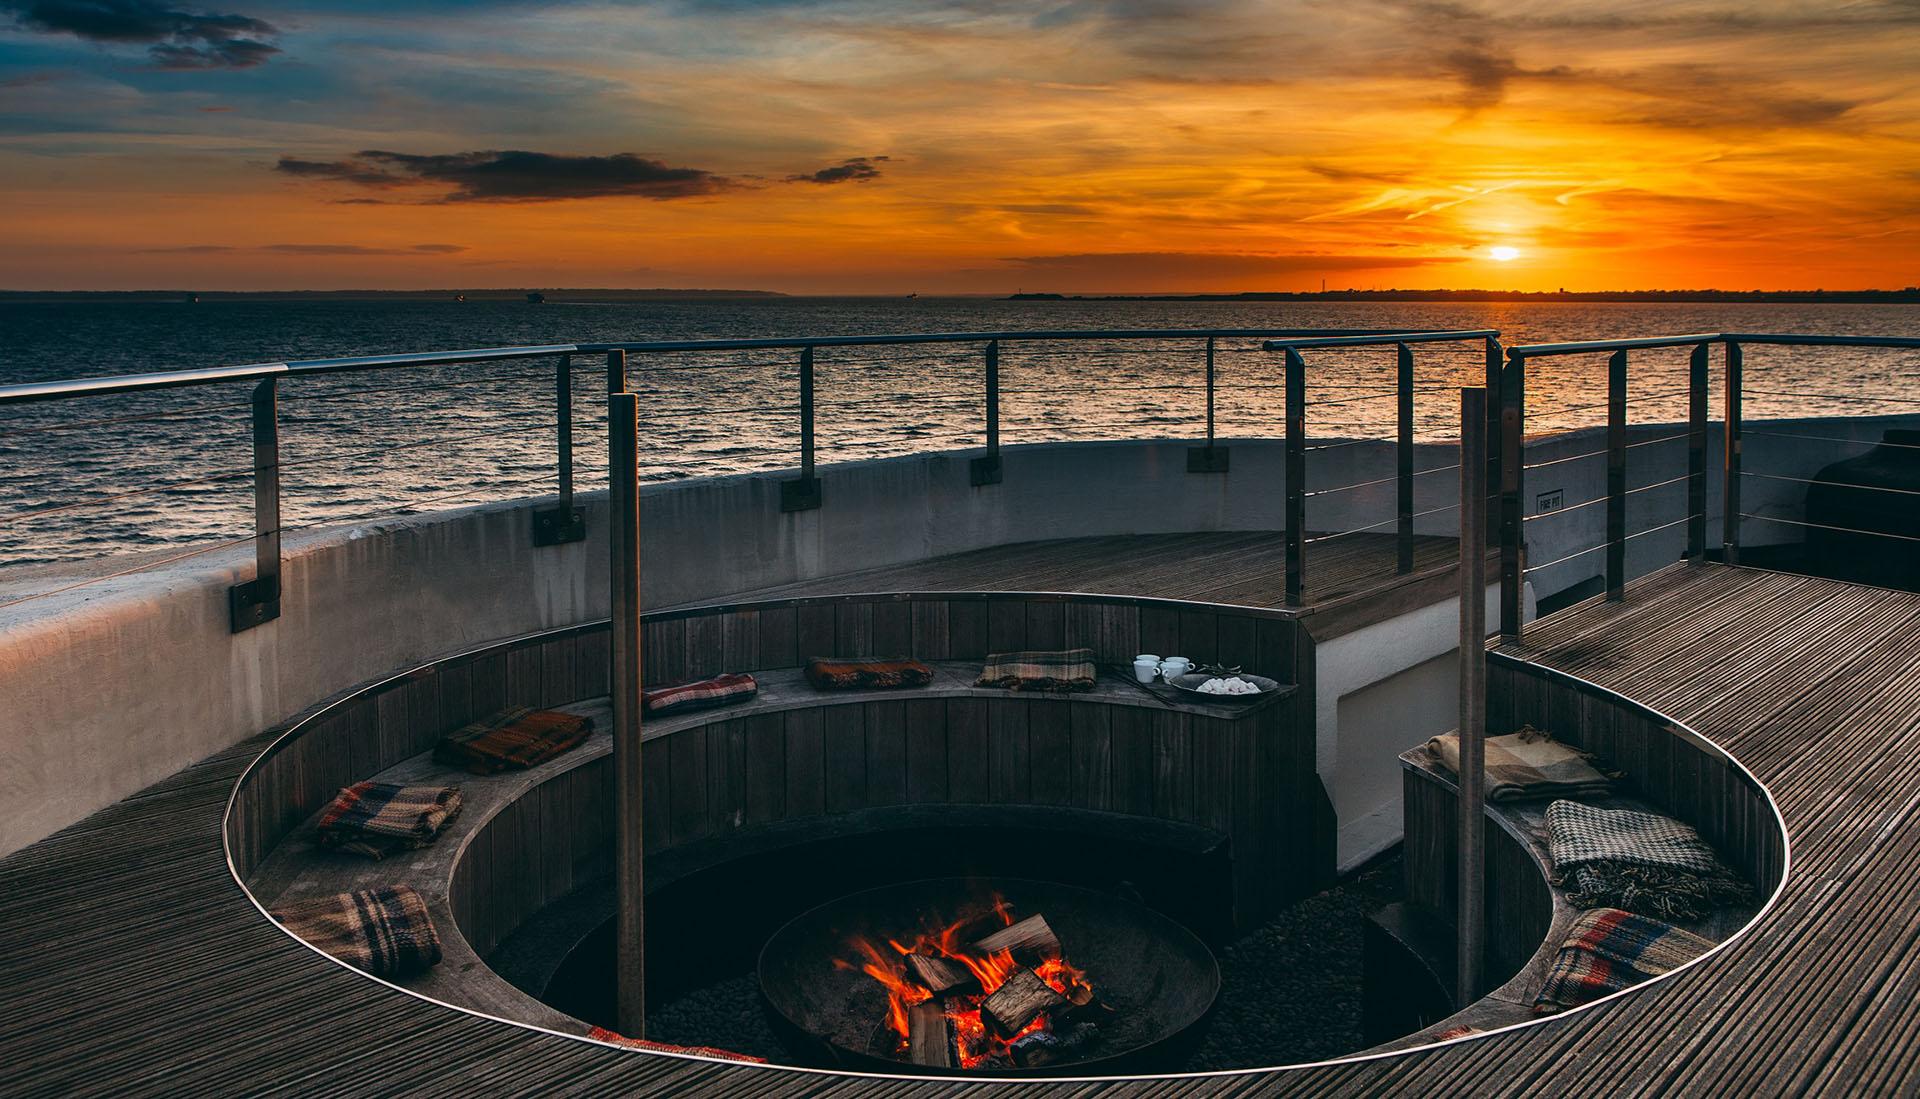 ۱۲ هتل متفاوت و عجیب جهان؛ از خانه های درختی تا جرثقیل و خیمه های سرخپوستی